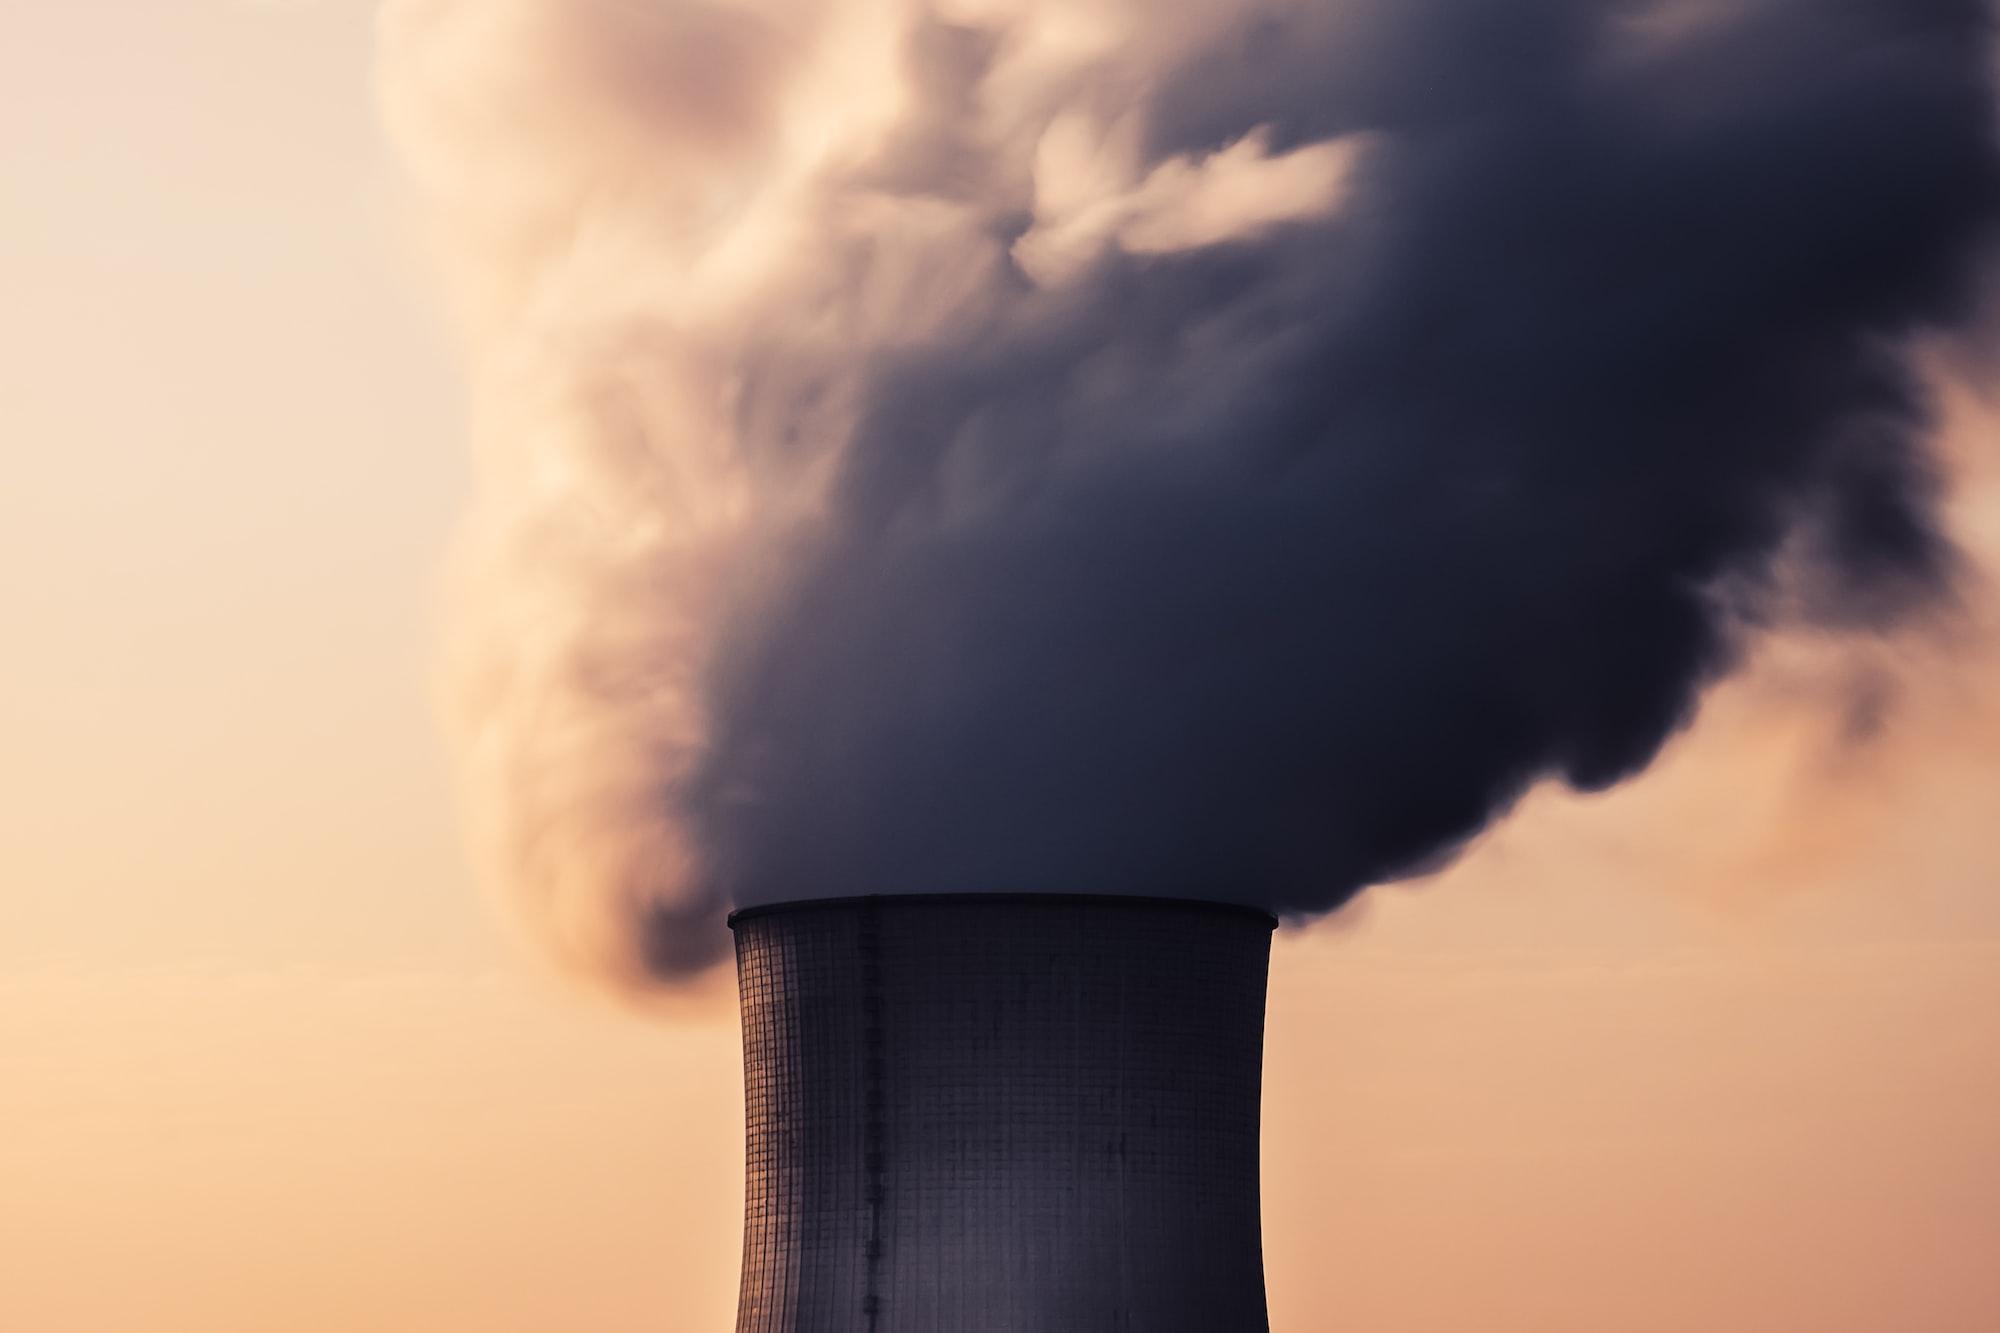 Ministério da Energia da Ucrânia quer usar centrais nucleares para minar cripto